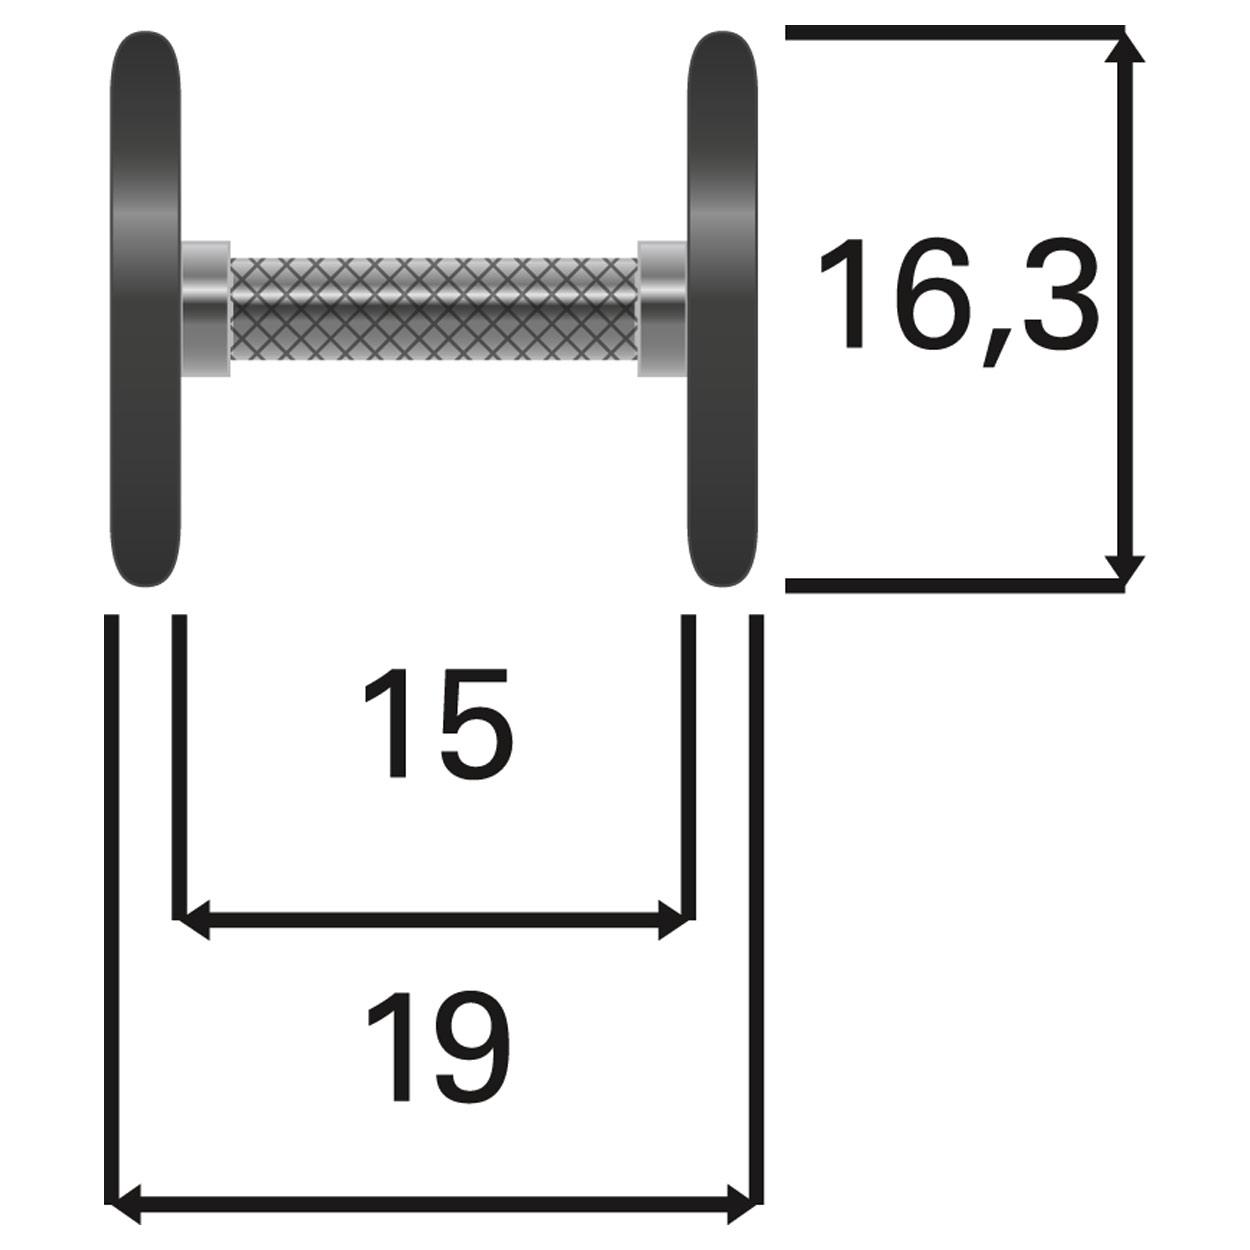 Kompakthantel Kompakthantel Kompakthantel aus Gummi Hantel Hanteln Gewichte Hantelscheiben Kurzhantel 7076f1